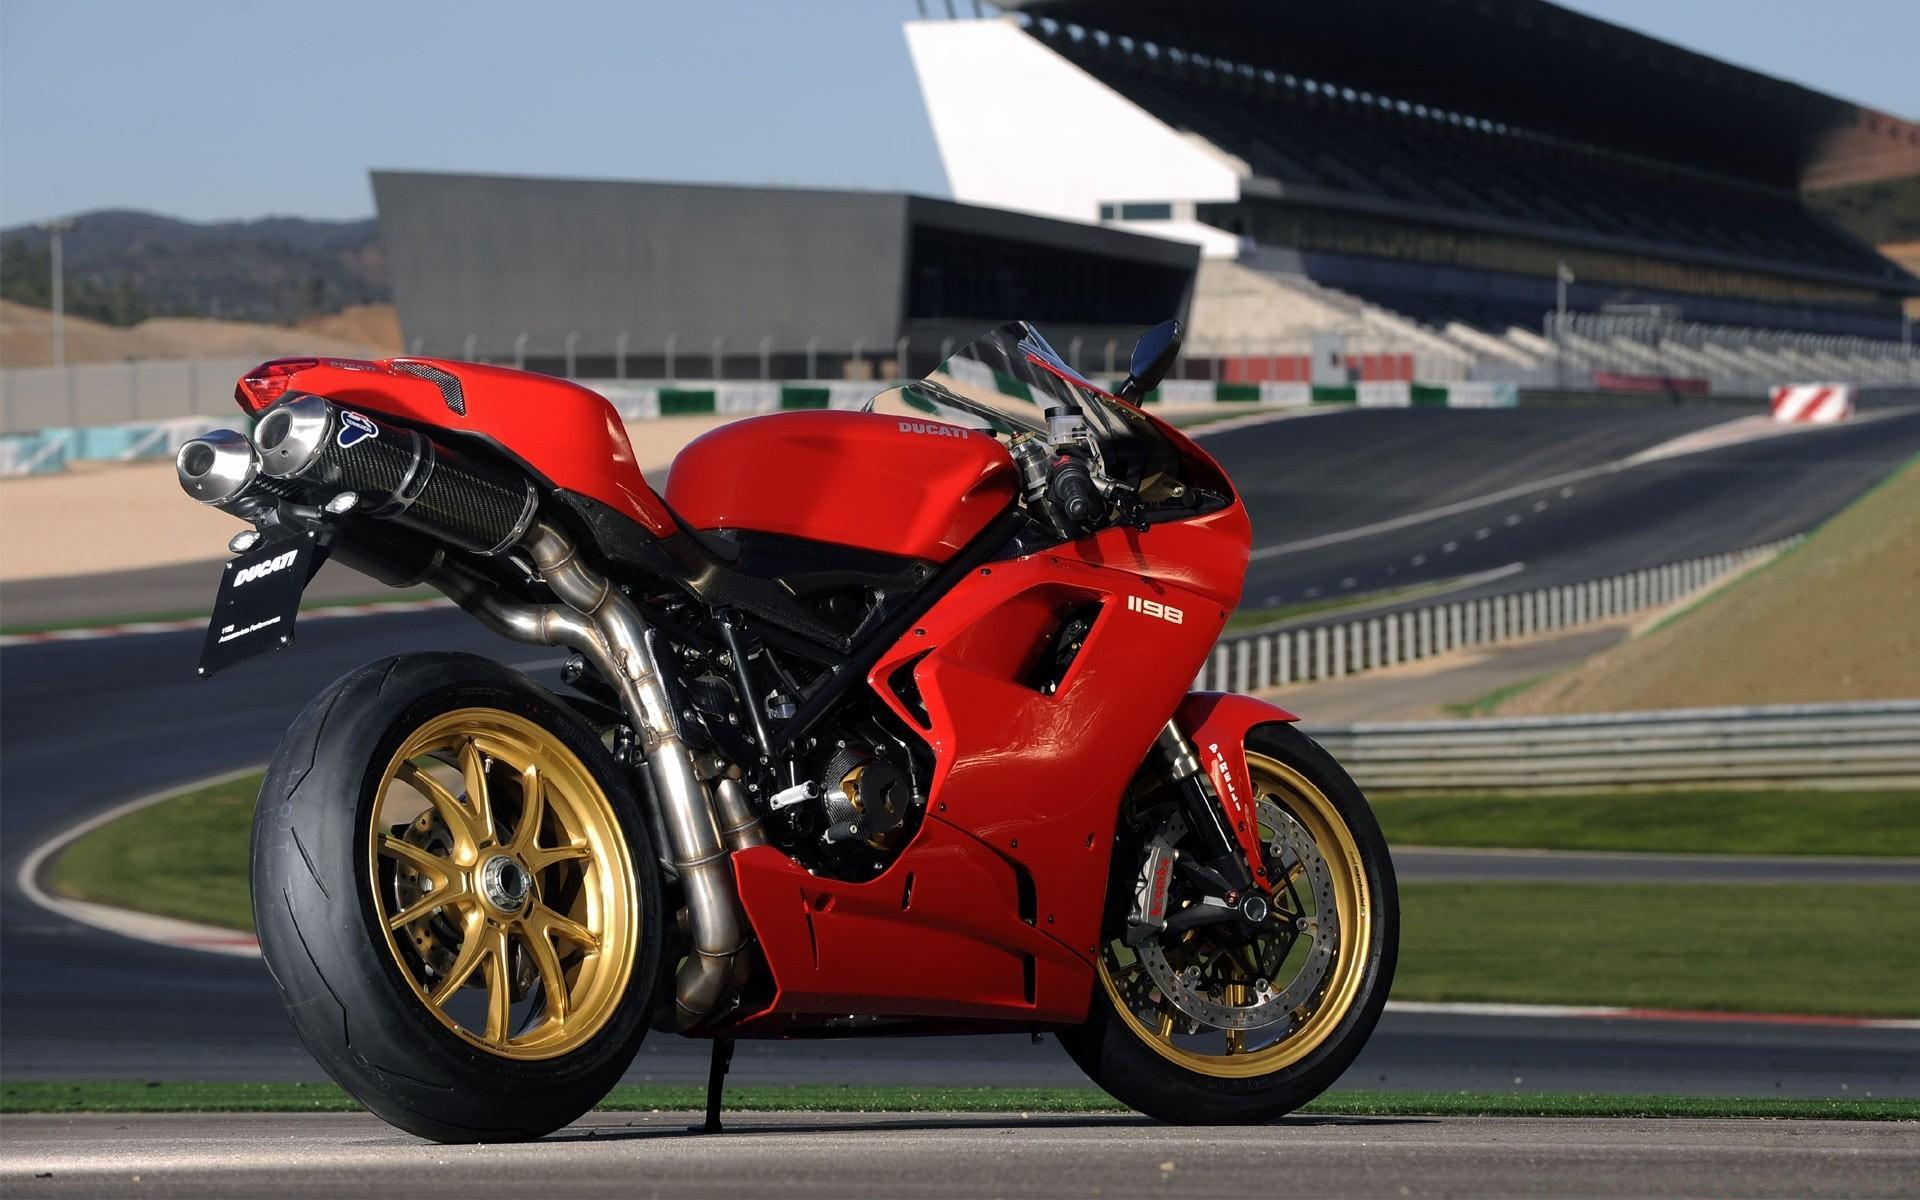 Обои 996, Ducati, 1098, sportbike. Мотоциклы foto 16